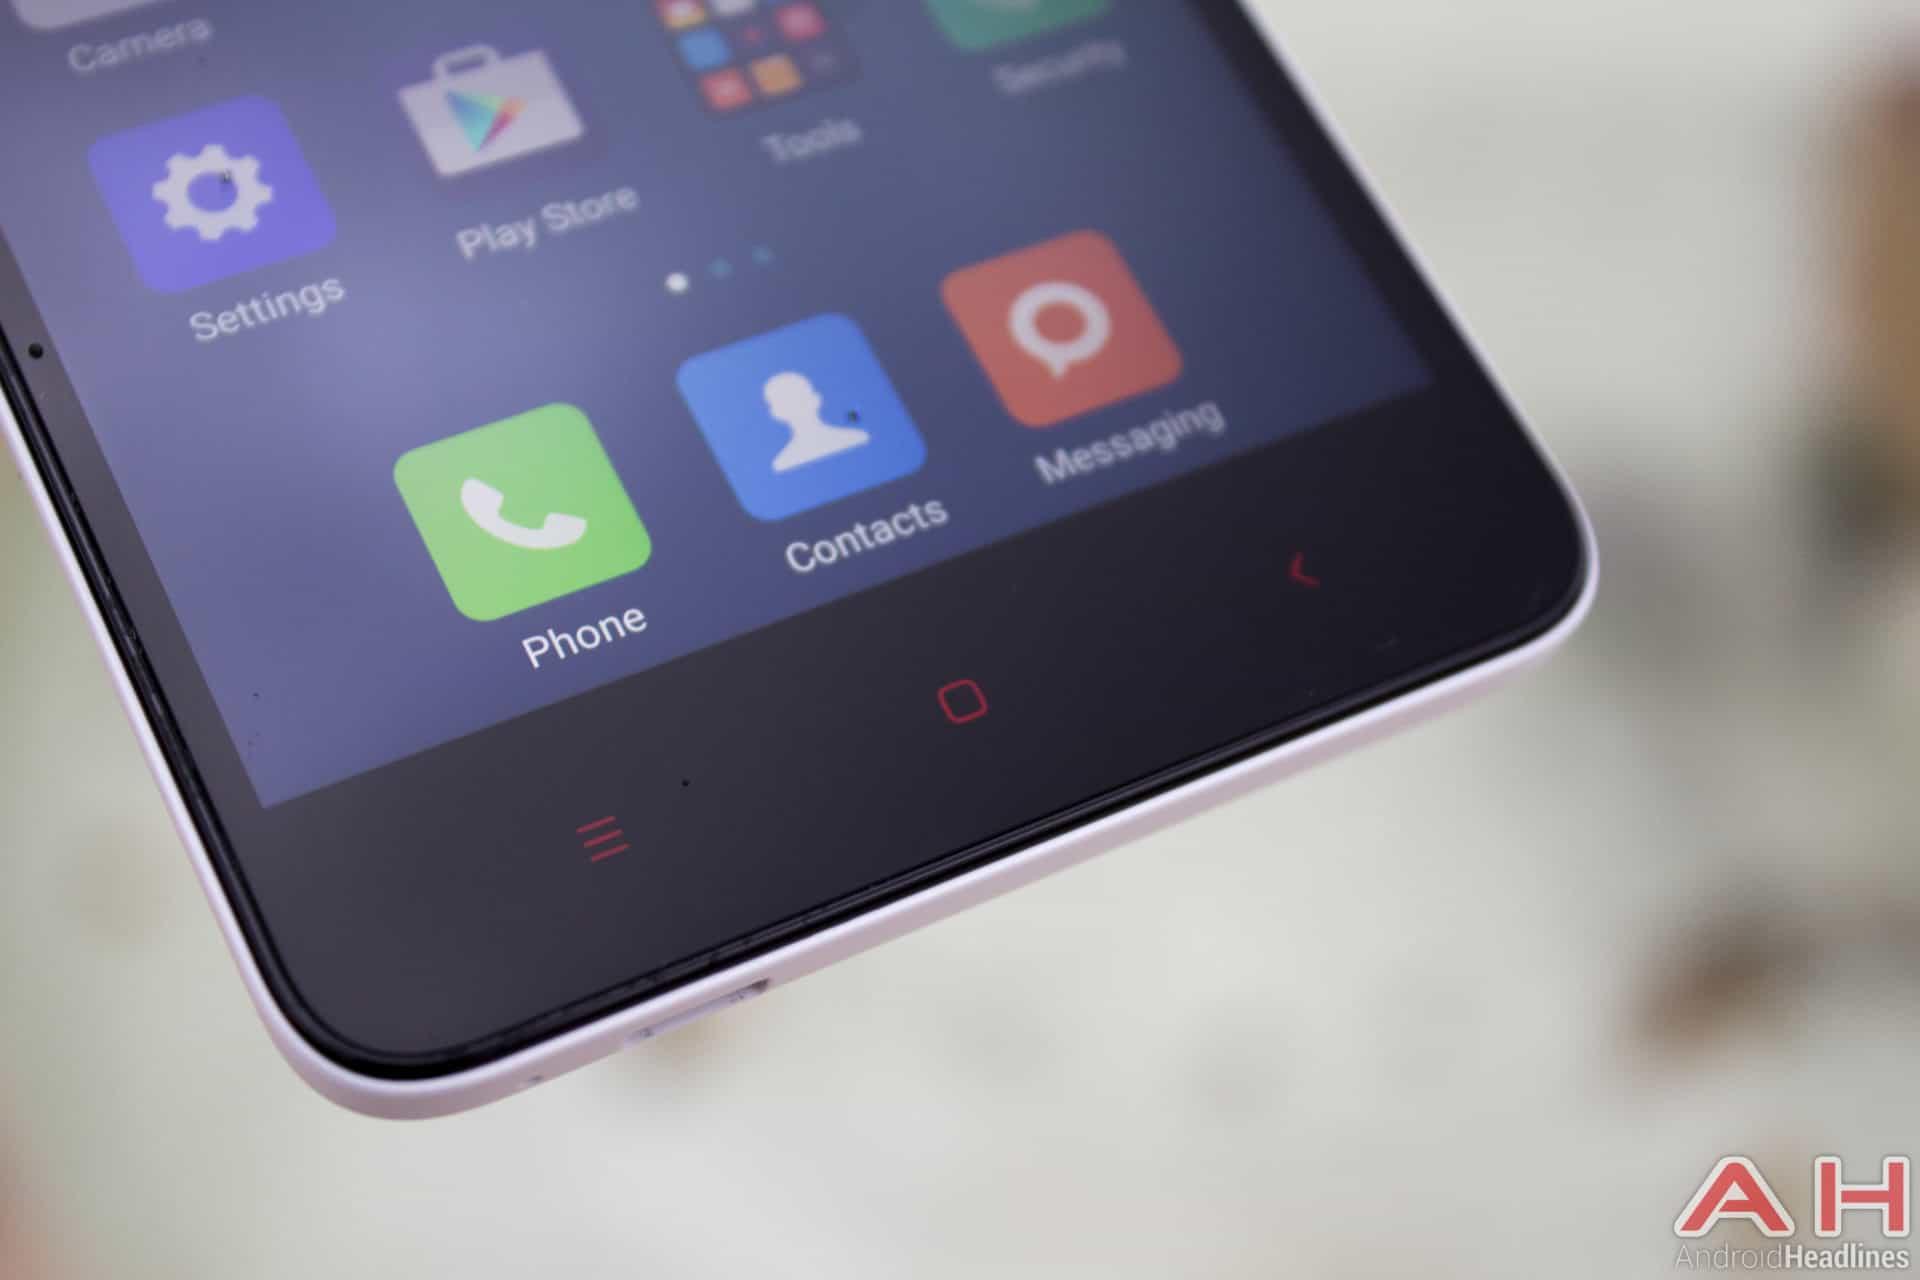 Xiaomi Redmi Note 2 AH 09